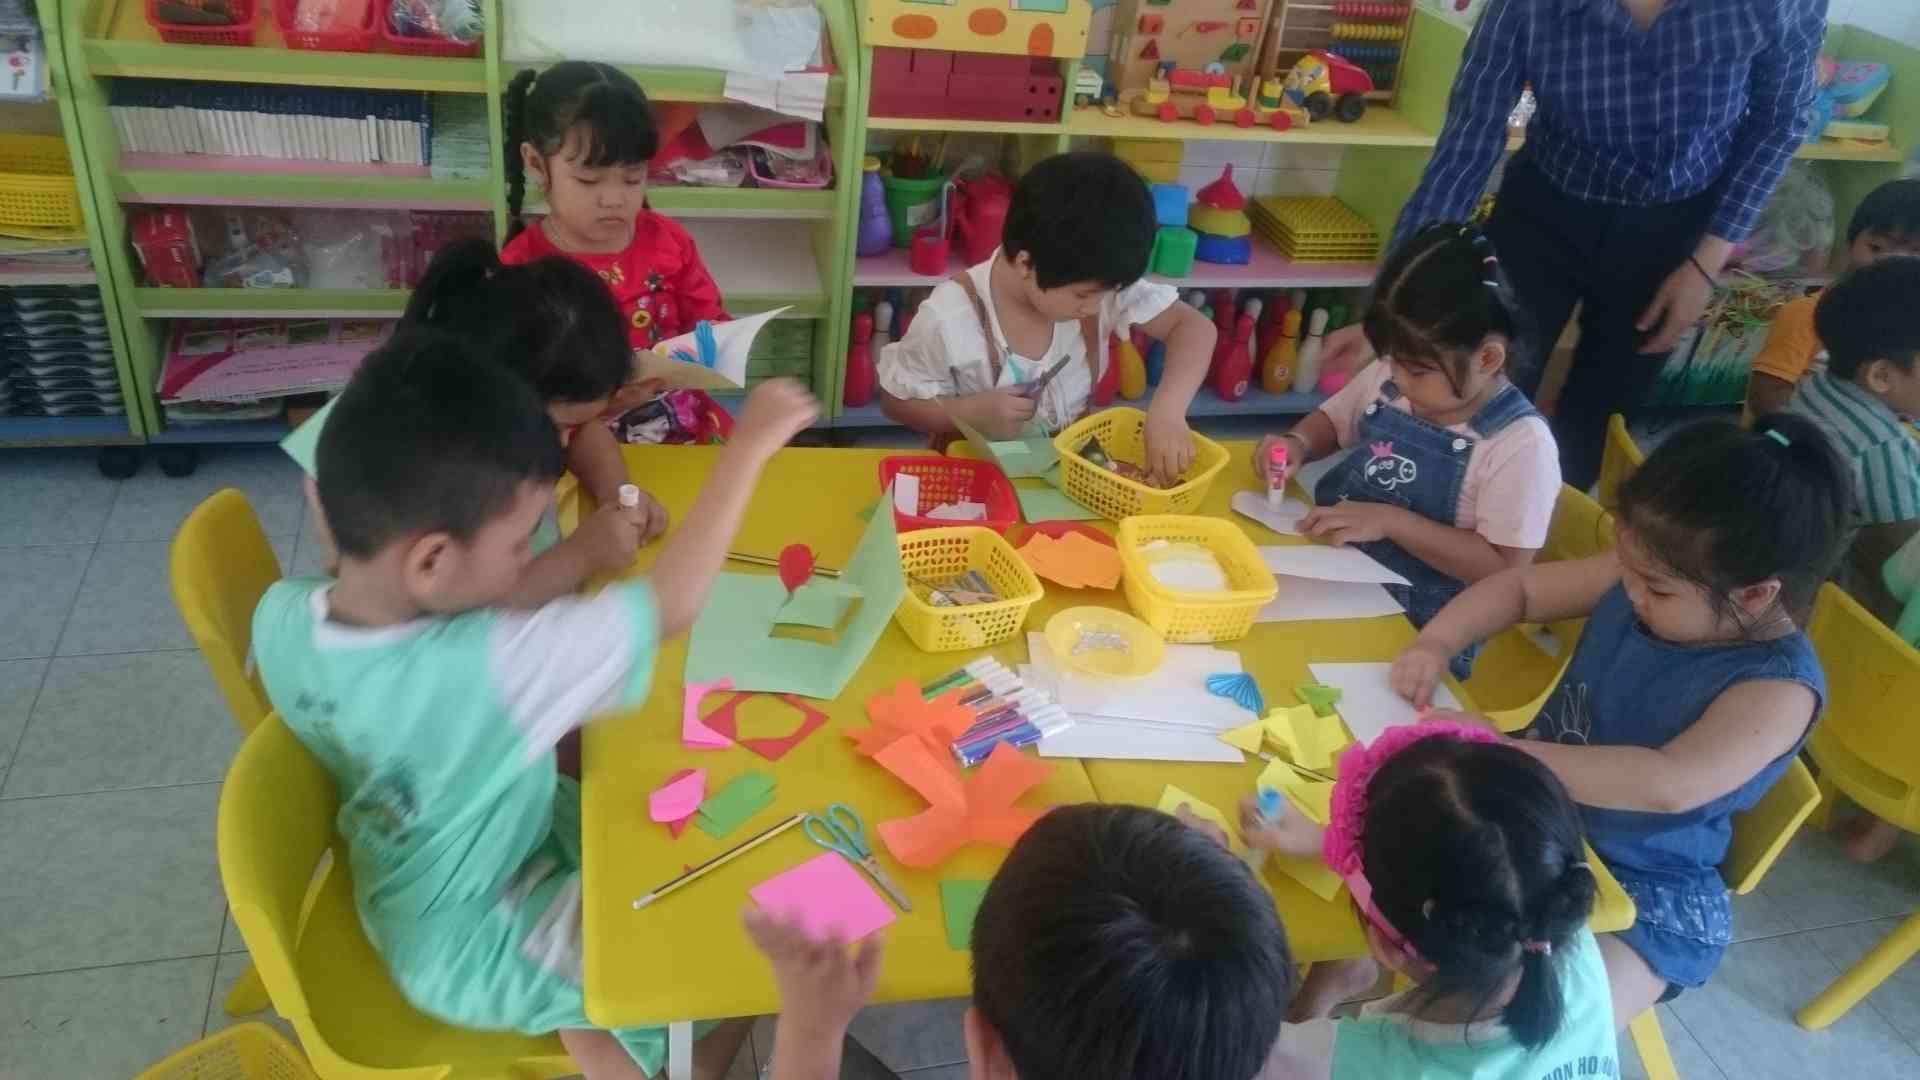 hoạt động phát triển thẩm mỹ theo nhóm của trẻ tự chọn